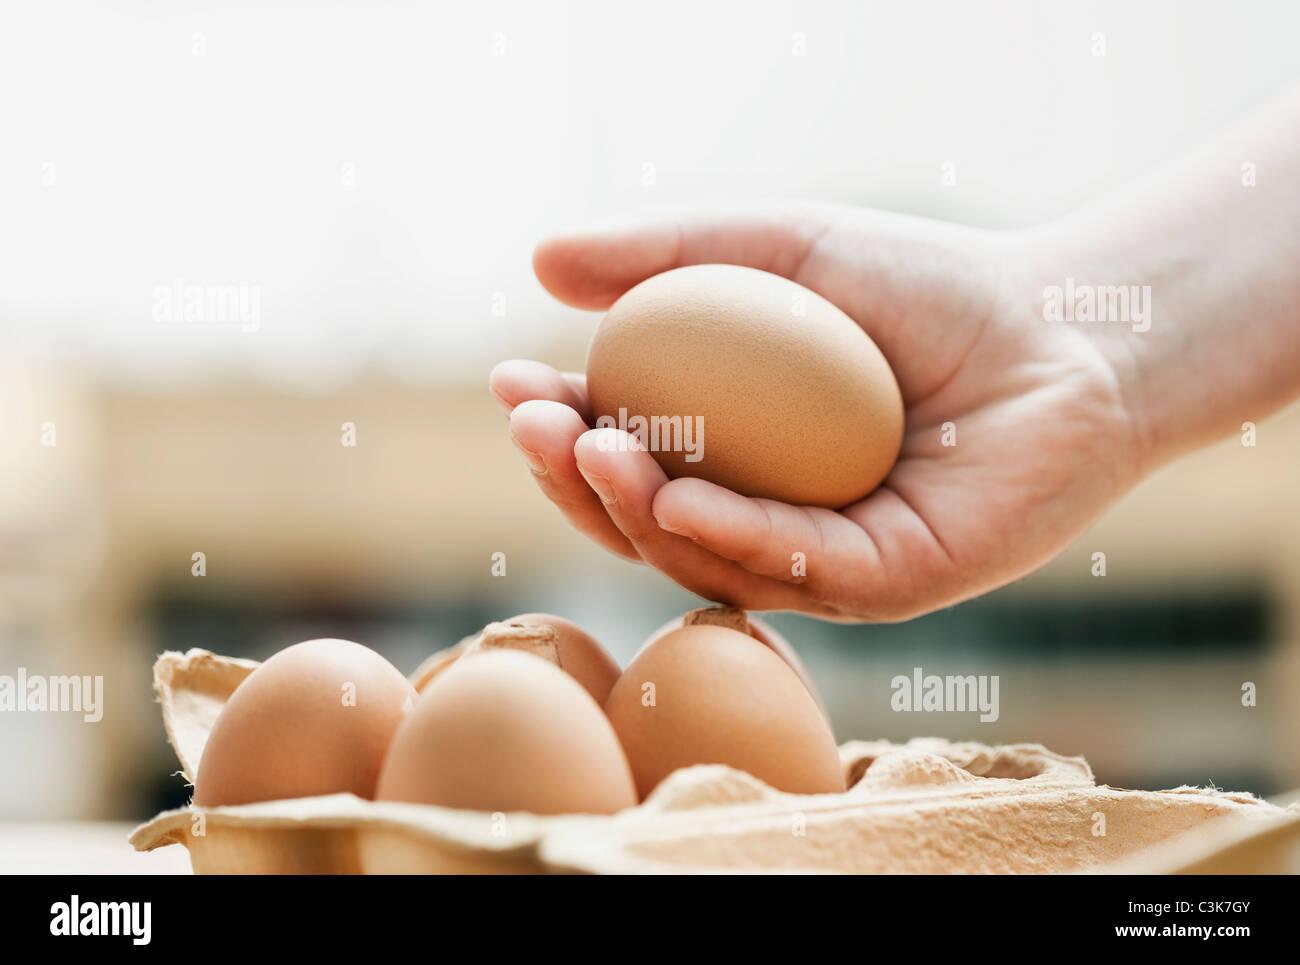 Deutschland, Köln, menschliche Hand mit Eiern, Nahaufnahme Stockfoto